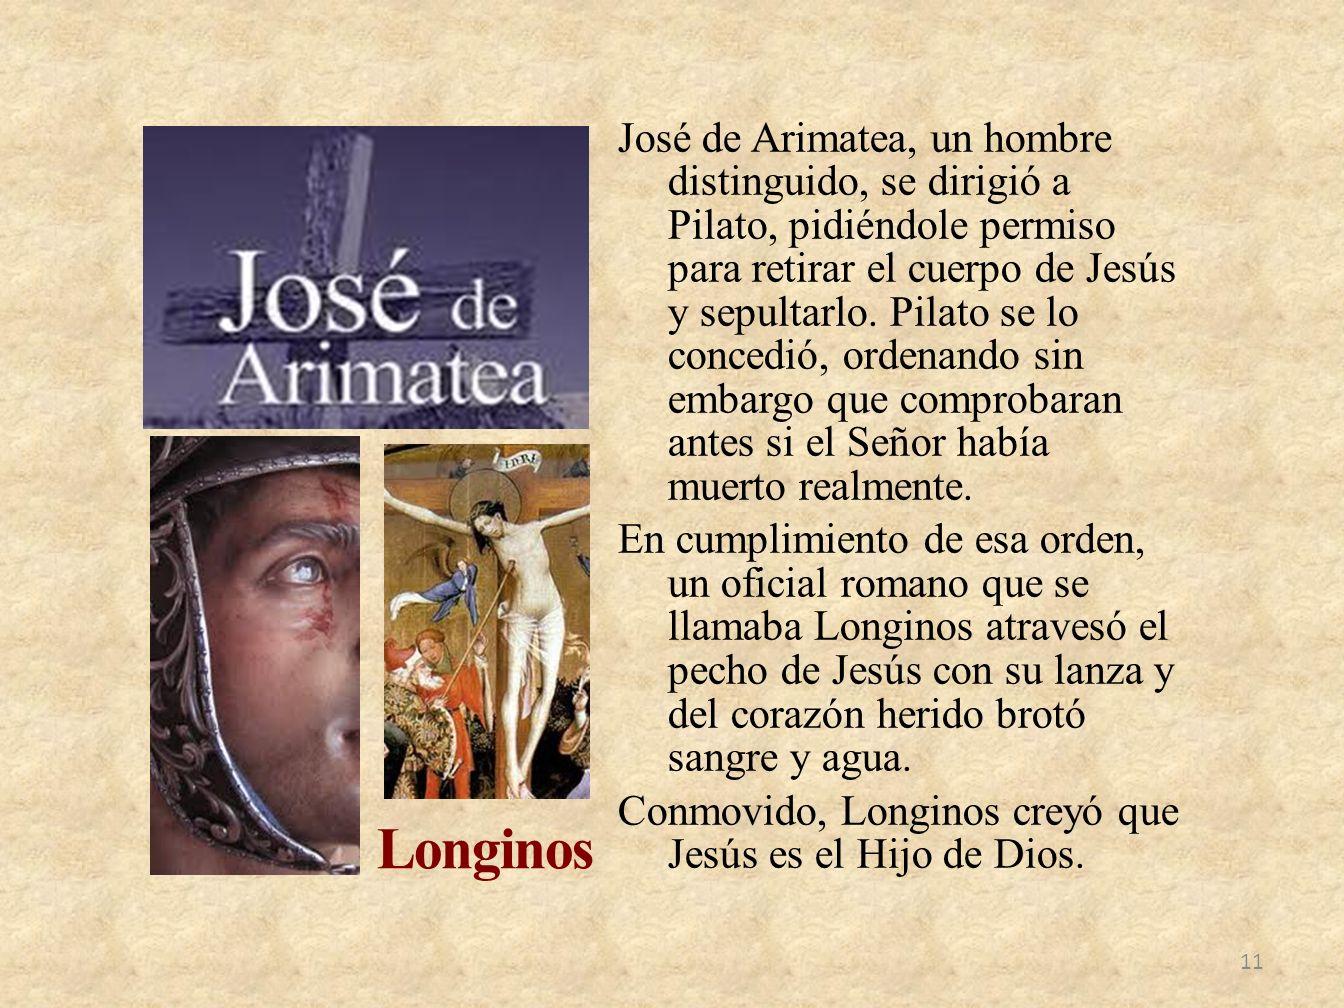 José de Arimatea, un hombre distinguido, se dirigió a Pilato, pidiéndole permiso para retirar el cuerpo de Jesús y sepultarlo. Pilato se lo concedió,